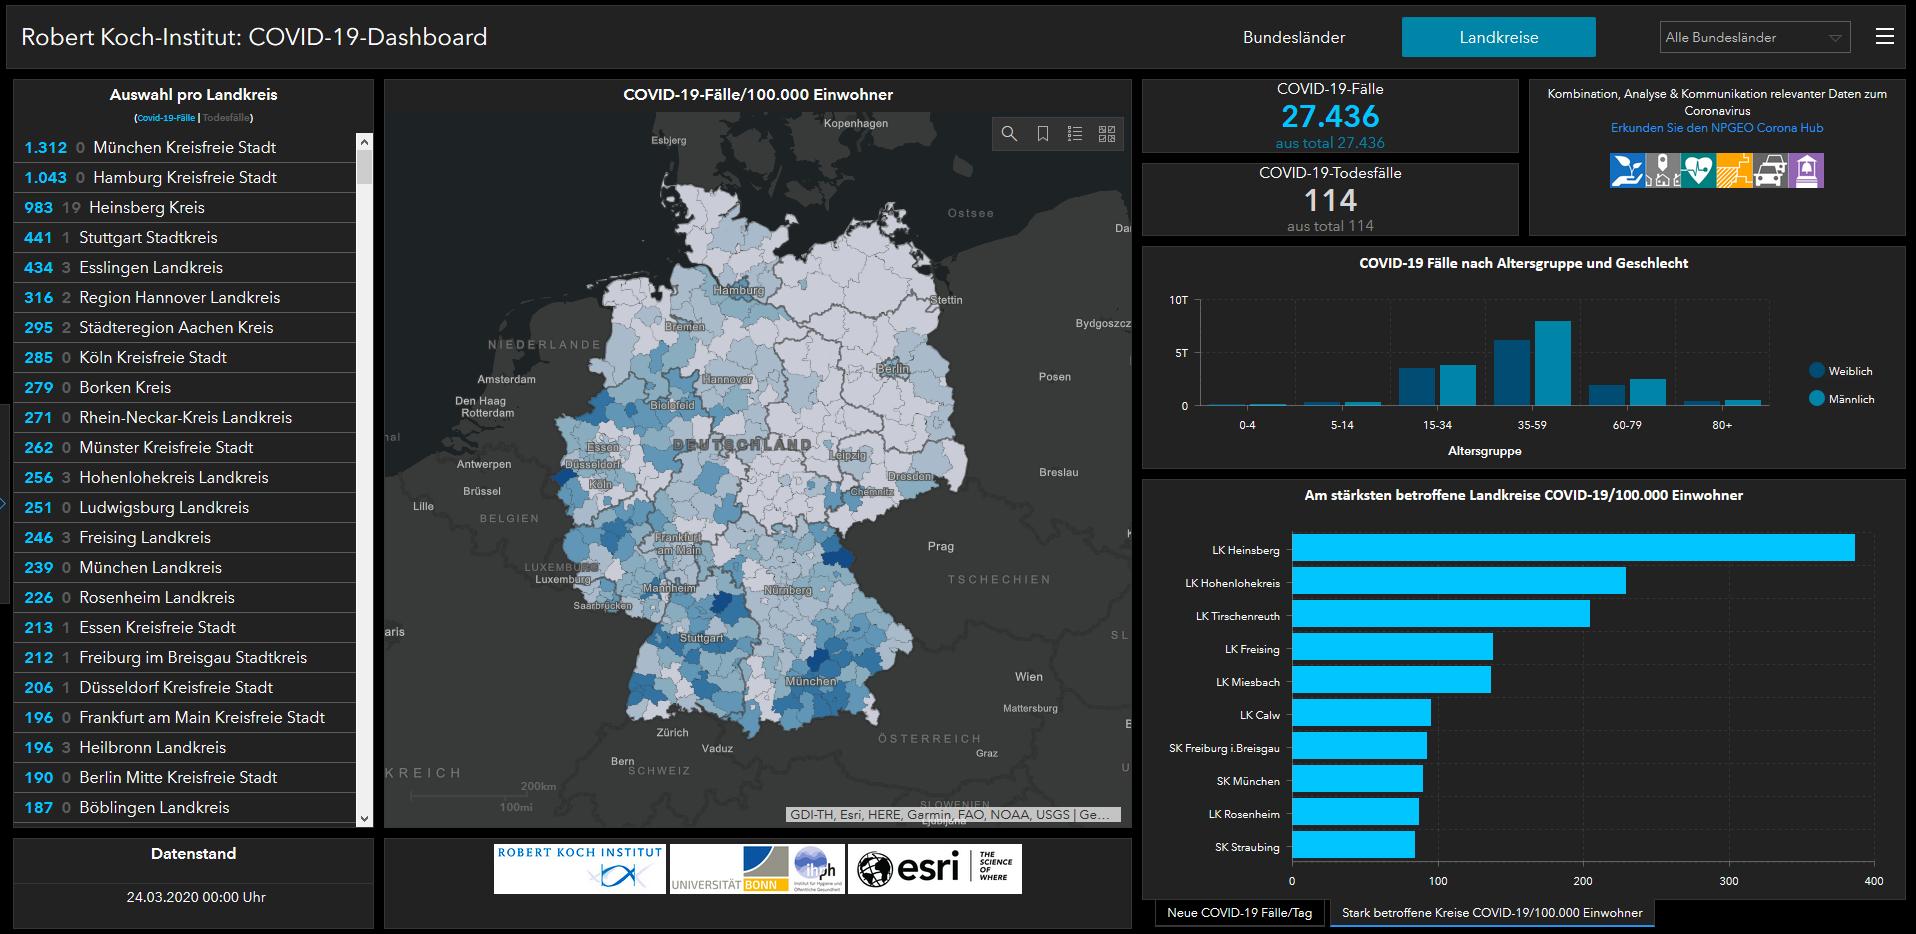 COVID-19 Dashboard vom Robert Koch-Institut in Kooperation mit Esri  Deutschland, Esri Deutschland GmbH, Pressemitteilung - PresseBox